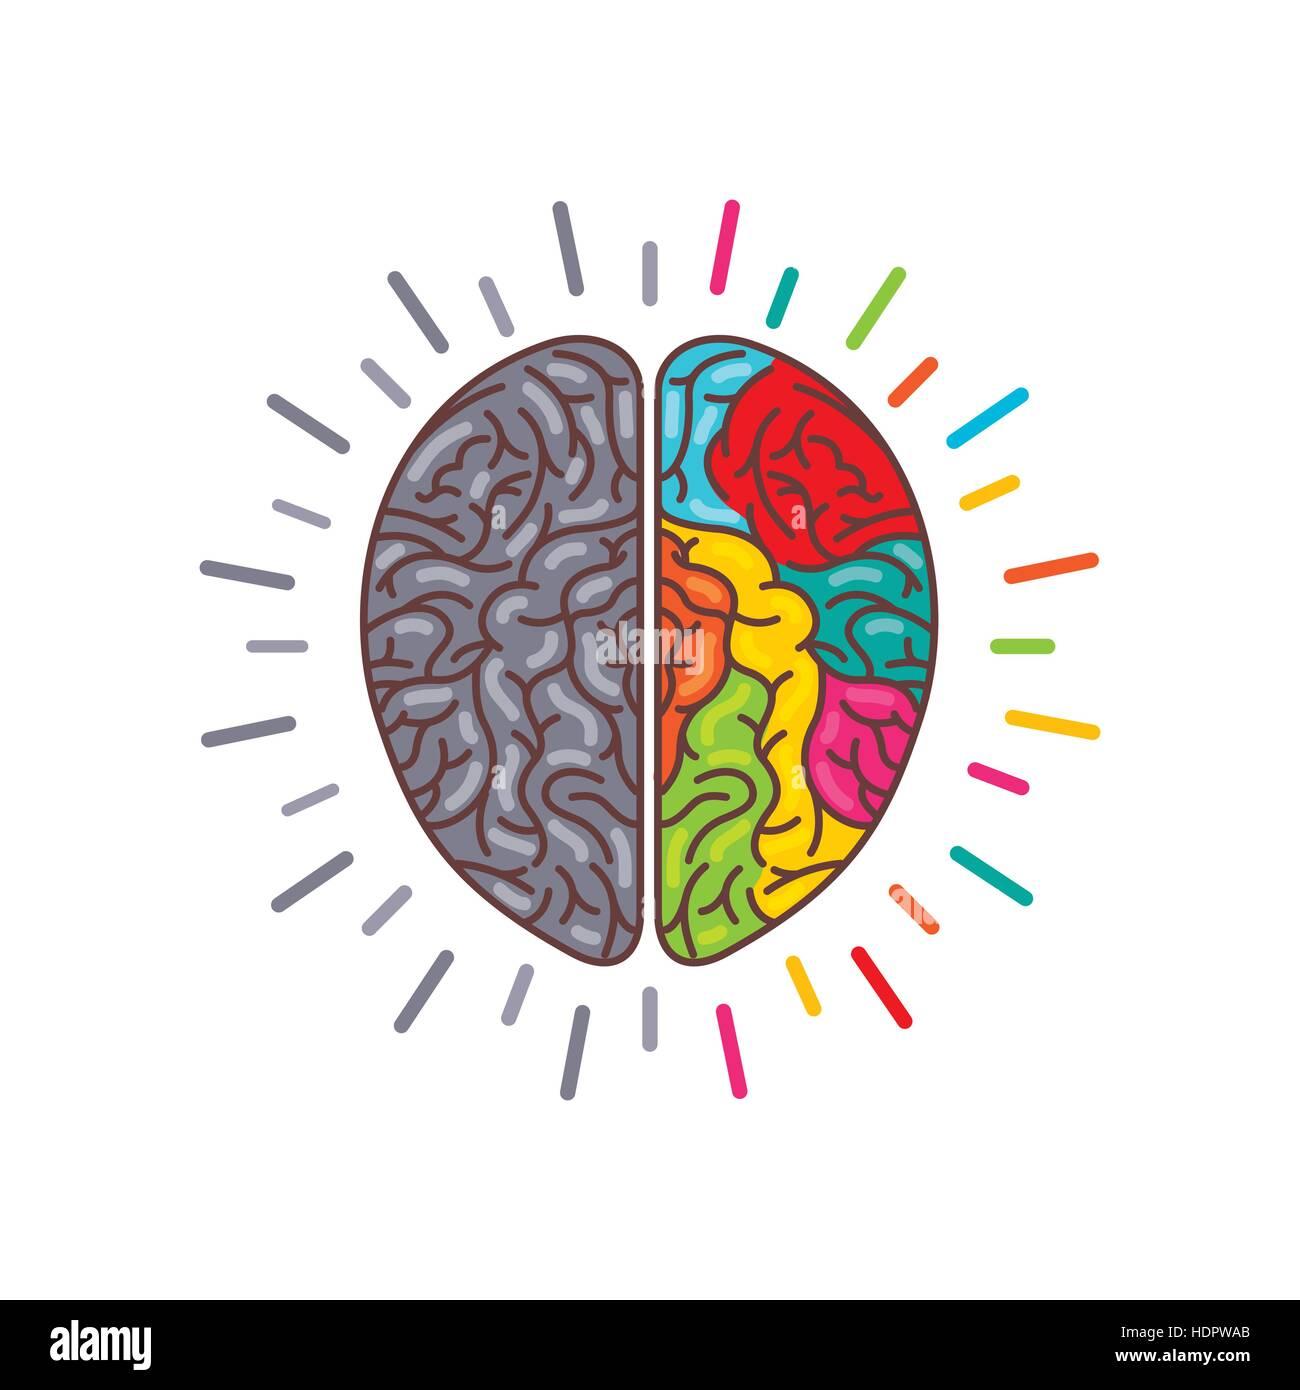 Schön Markiertes Bild Des Menschlichen Gehirns Galerie - Anatomie ...